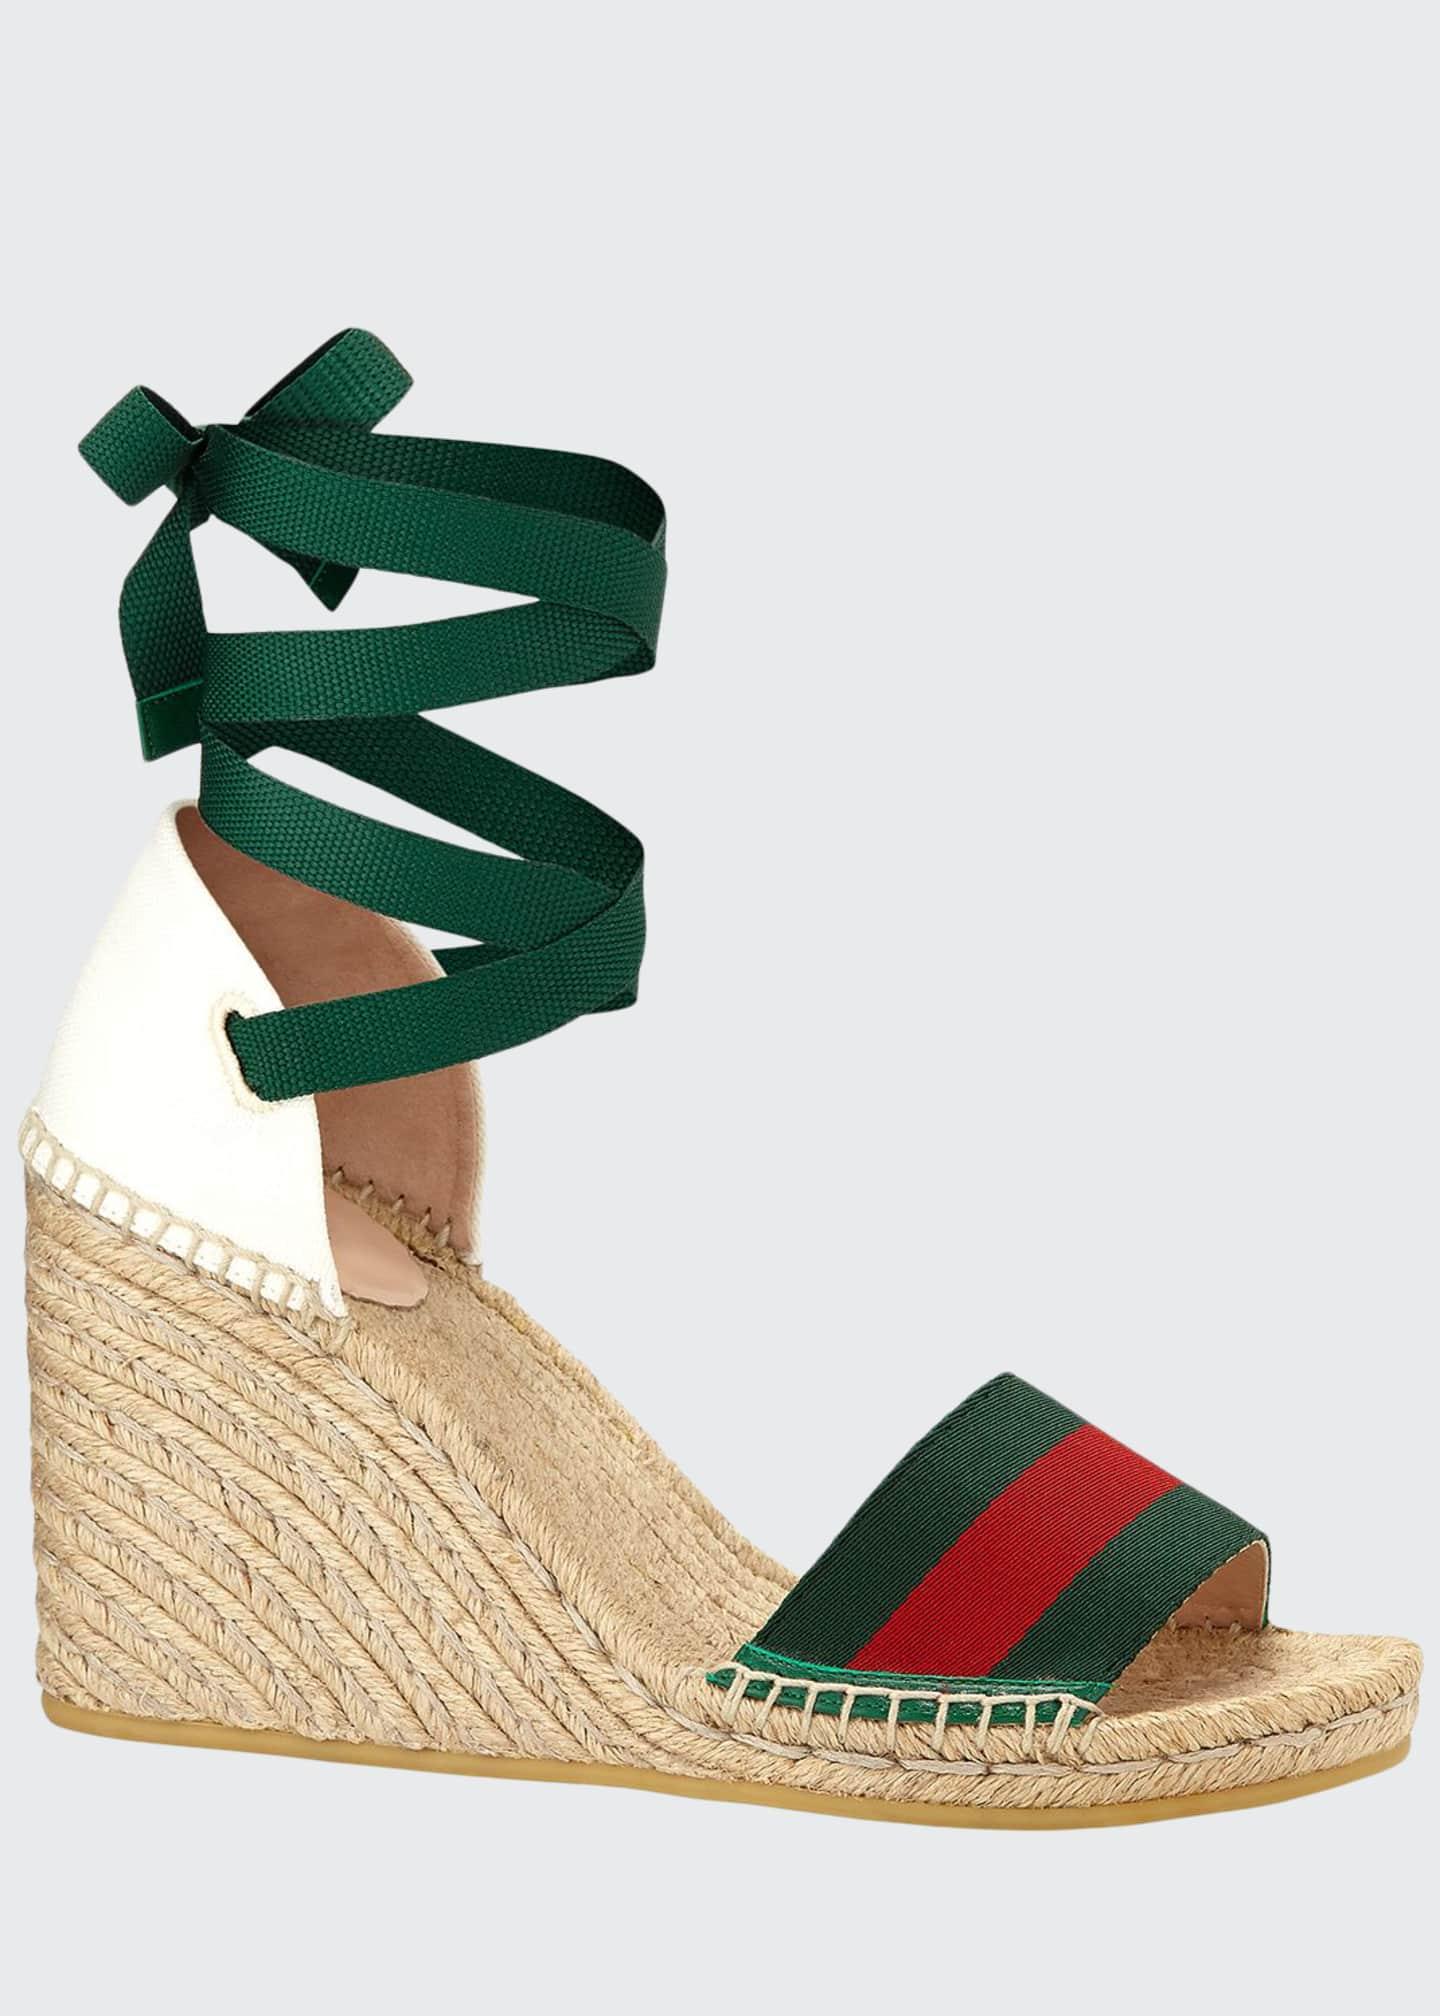 Gucci Lilibeth Grg Anklewrap Wedge Espadrille